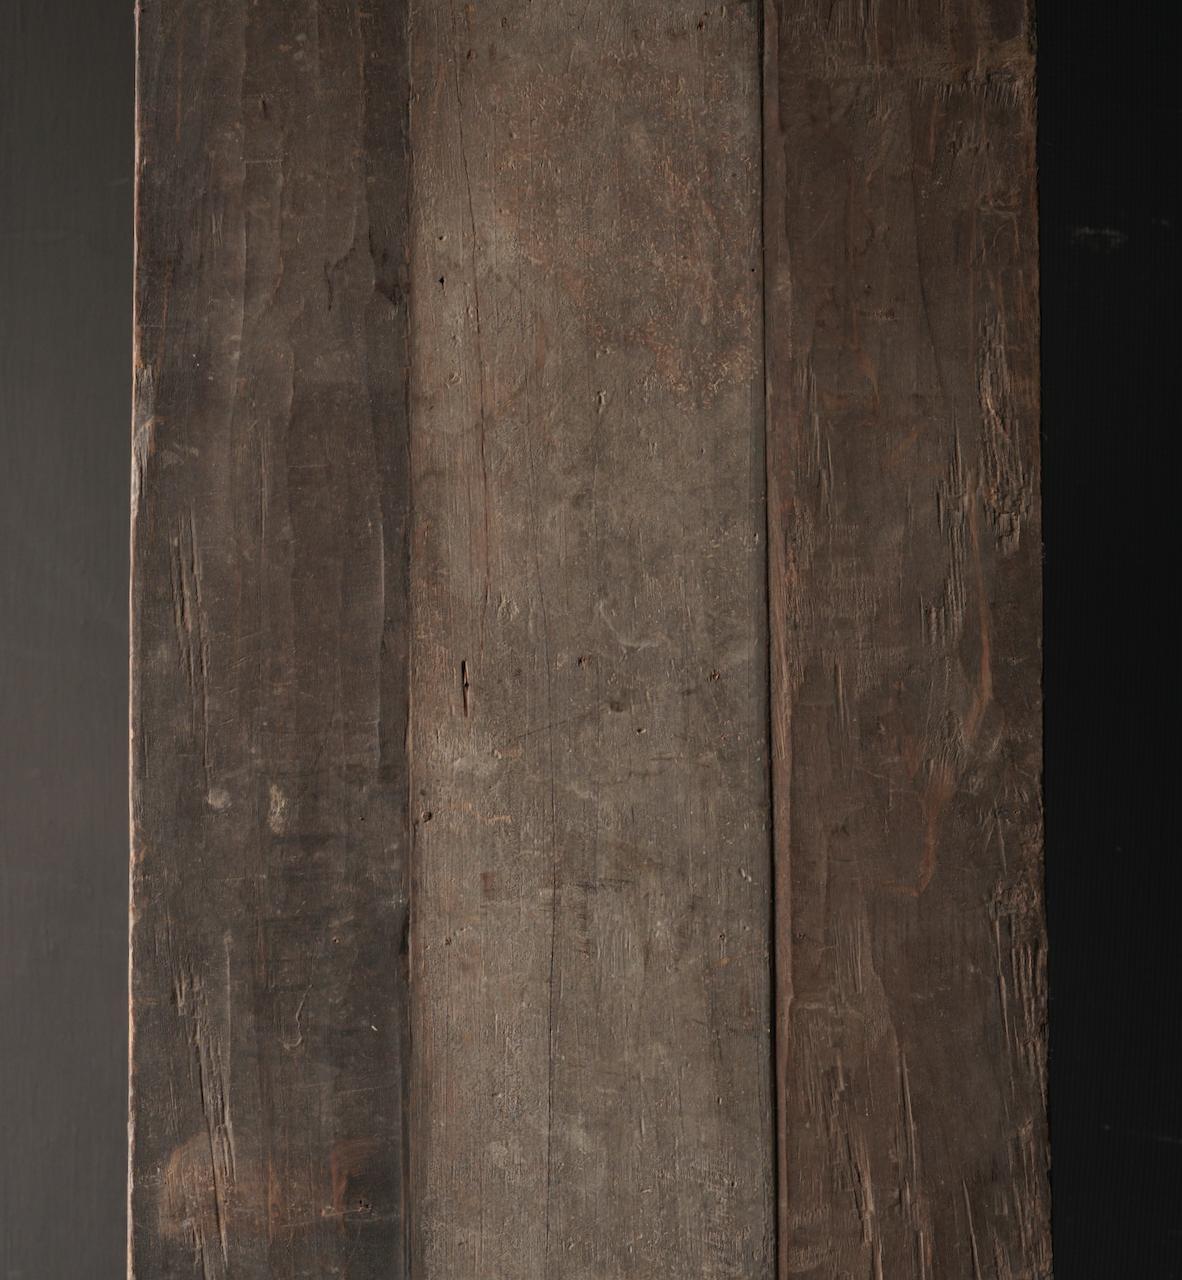 Couchtisch hergestellt in Indien aus altem gebrauchtem Holz-8